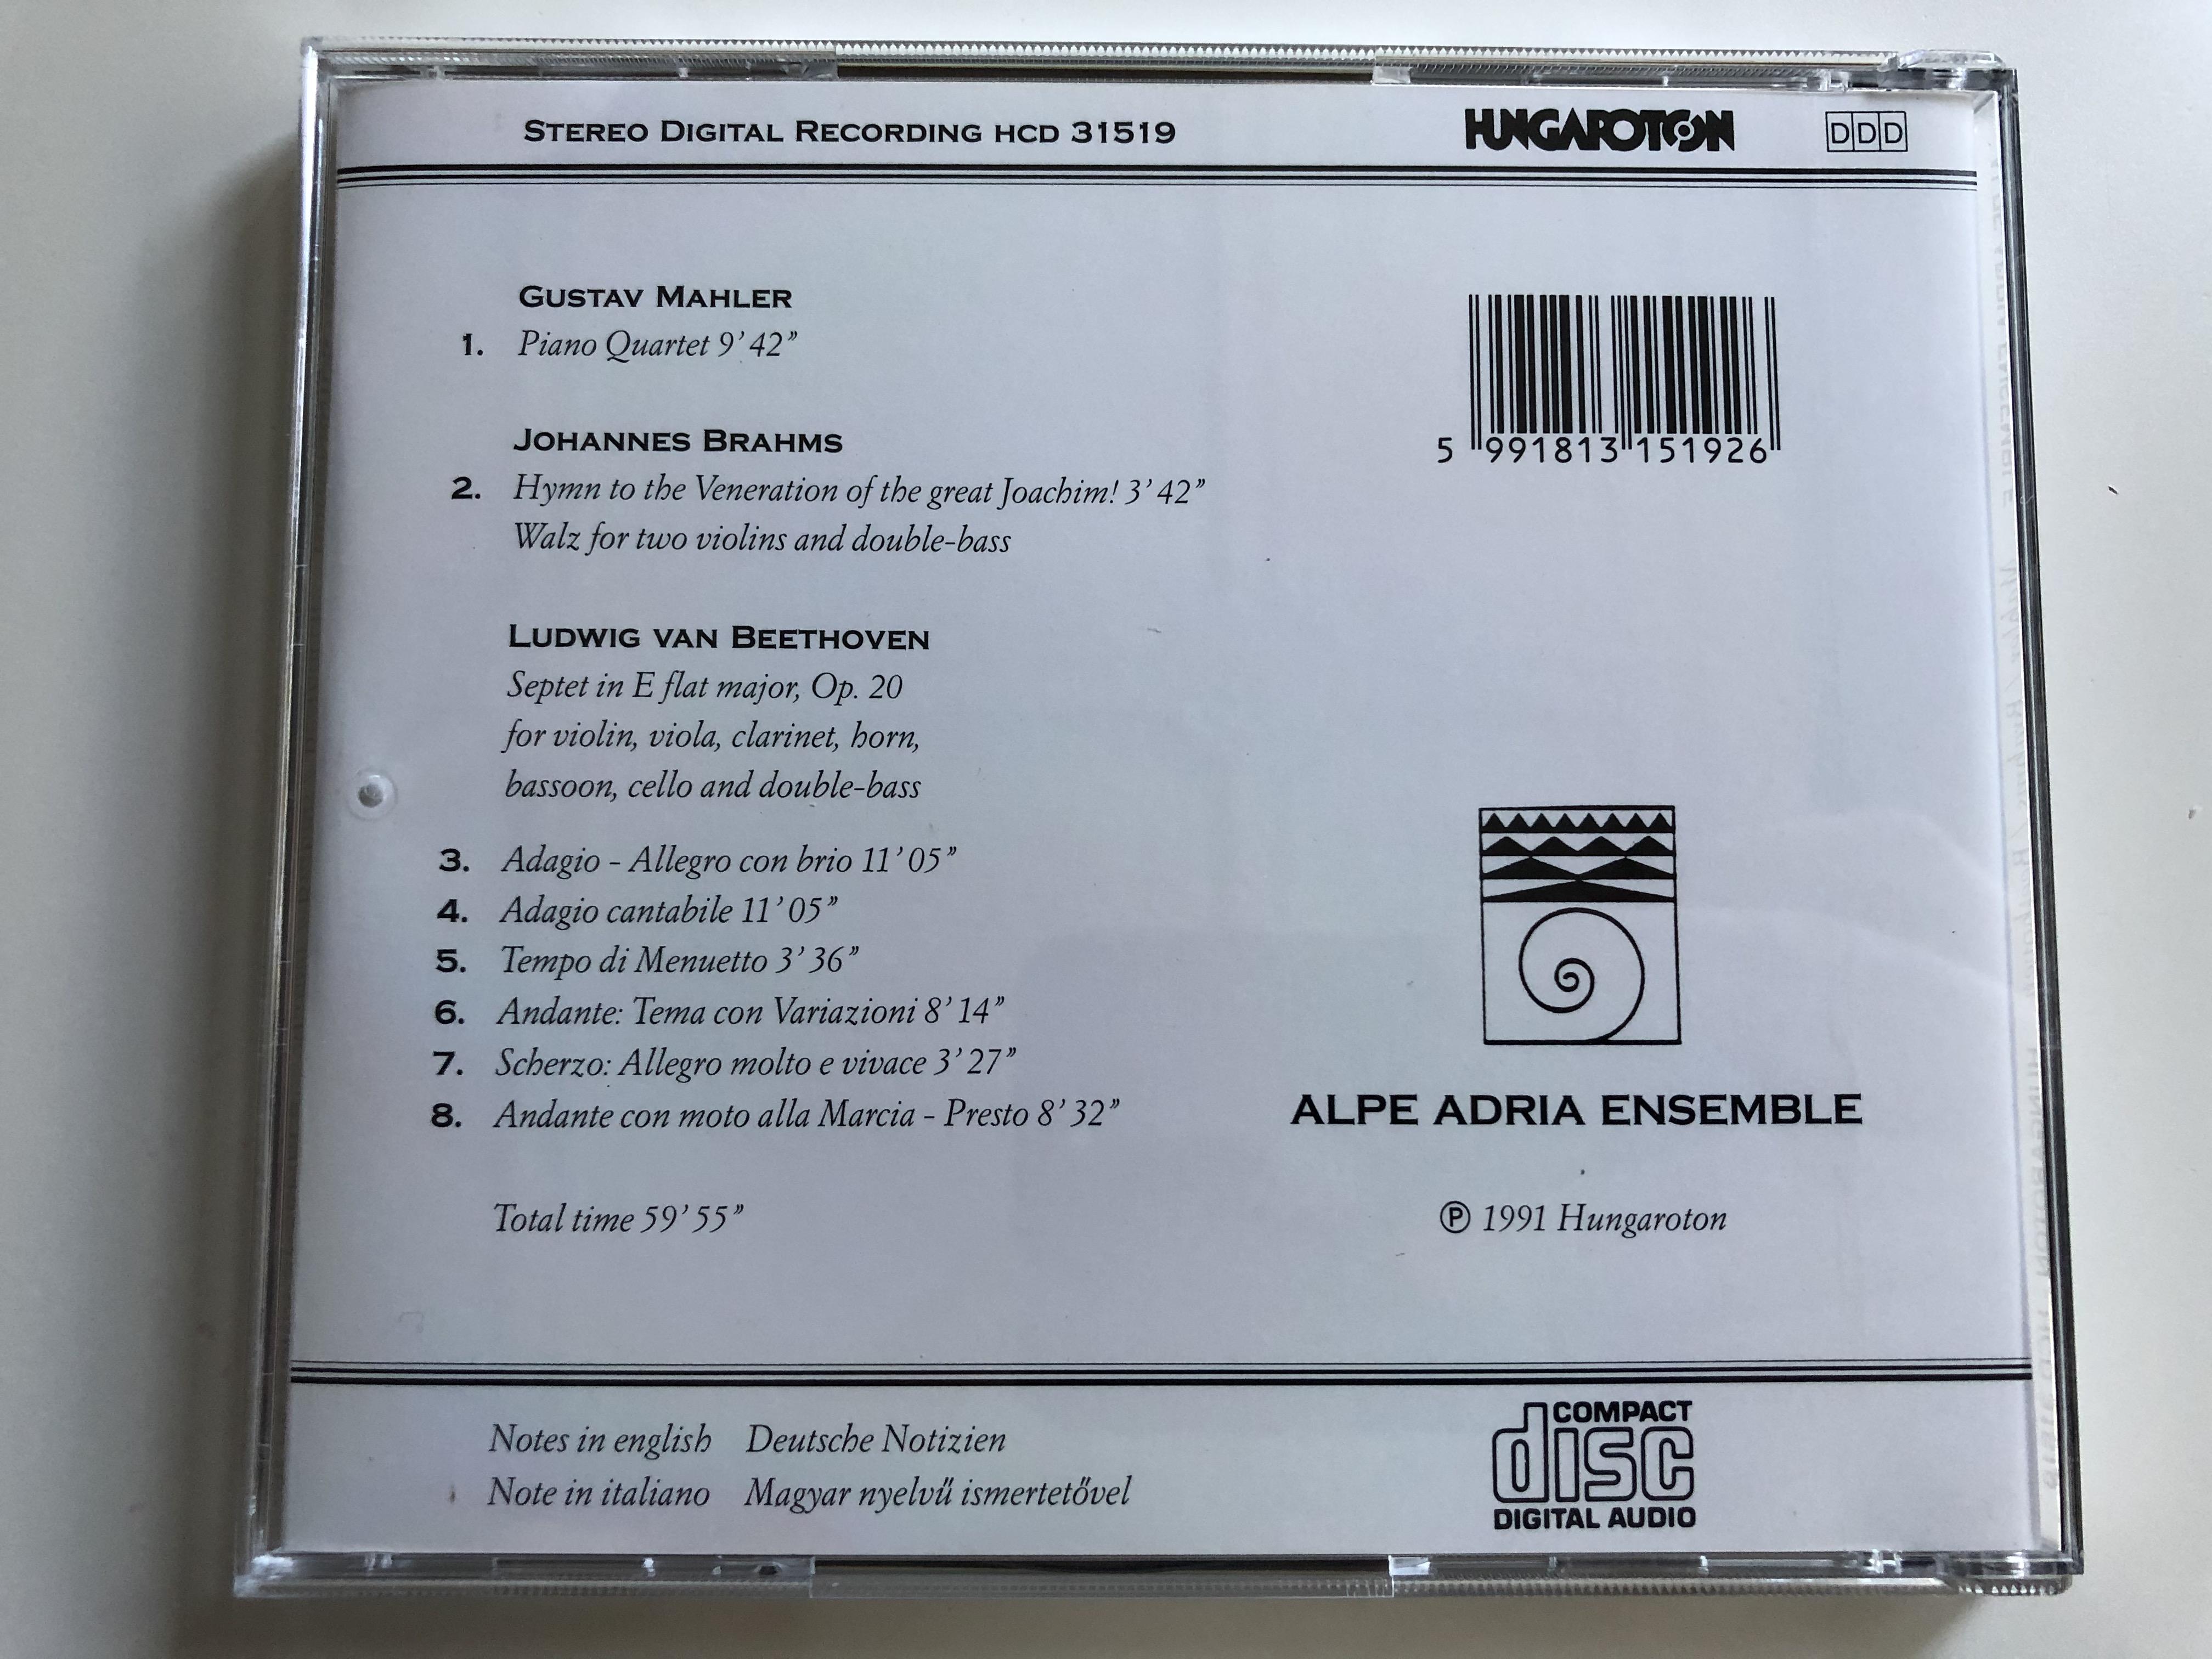 alpe-adria-ensemble-gustav-mahler-piano-quartet-johannes-brahms-hymne-for-the-veneration-of-the-great-joachim-ludwig-van-beethoven-septet-in-e-flat-major-op.-20-hungaroton-audio-cd-1-8-.jpg